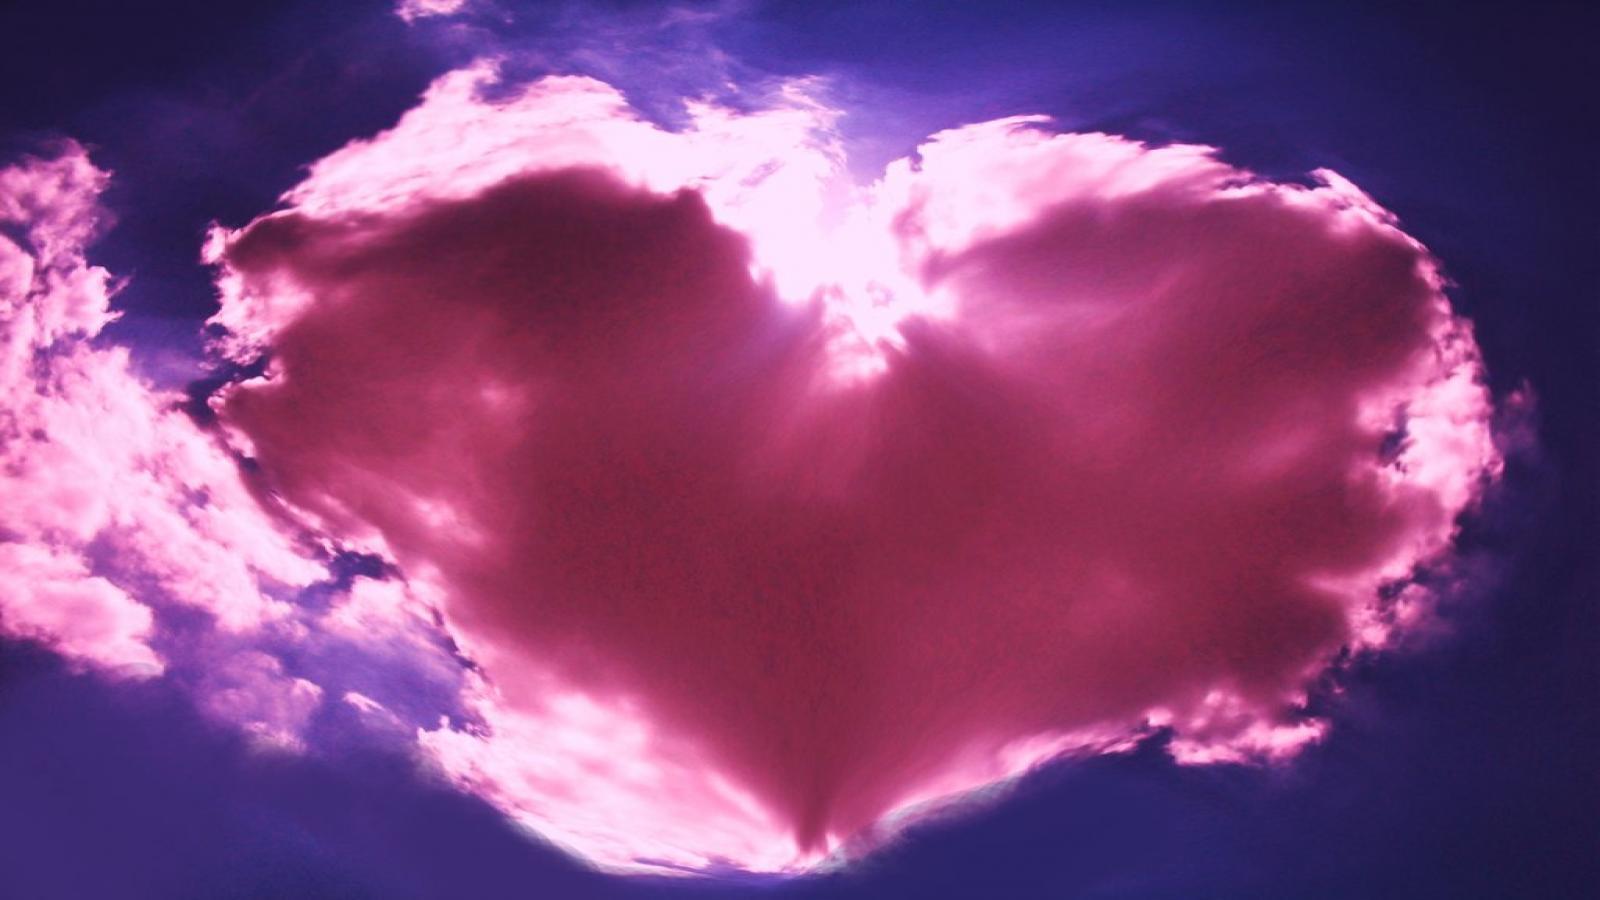 Dessins en couleurs imprimer coeur num ro 683294 - Images avec des coeurs ...